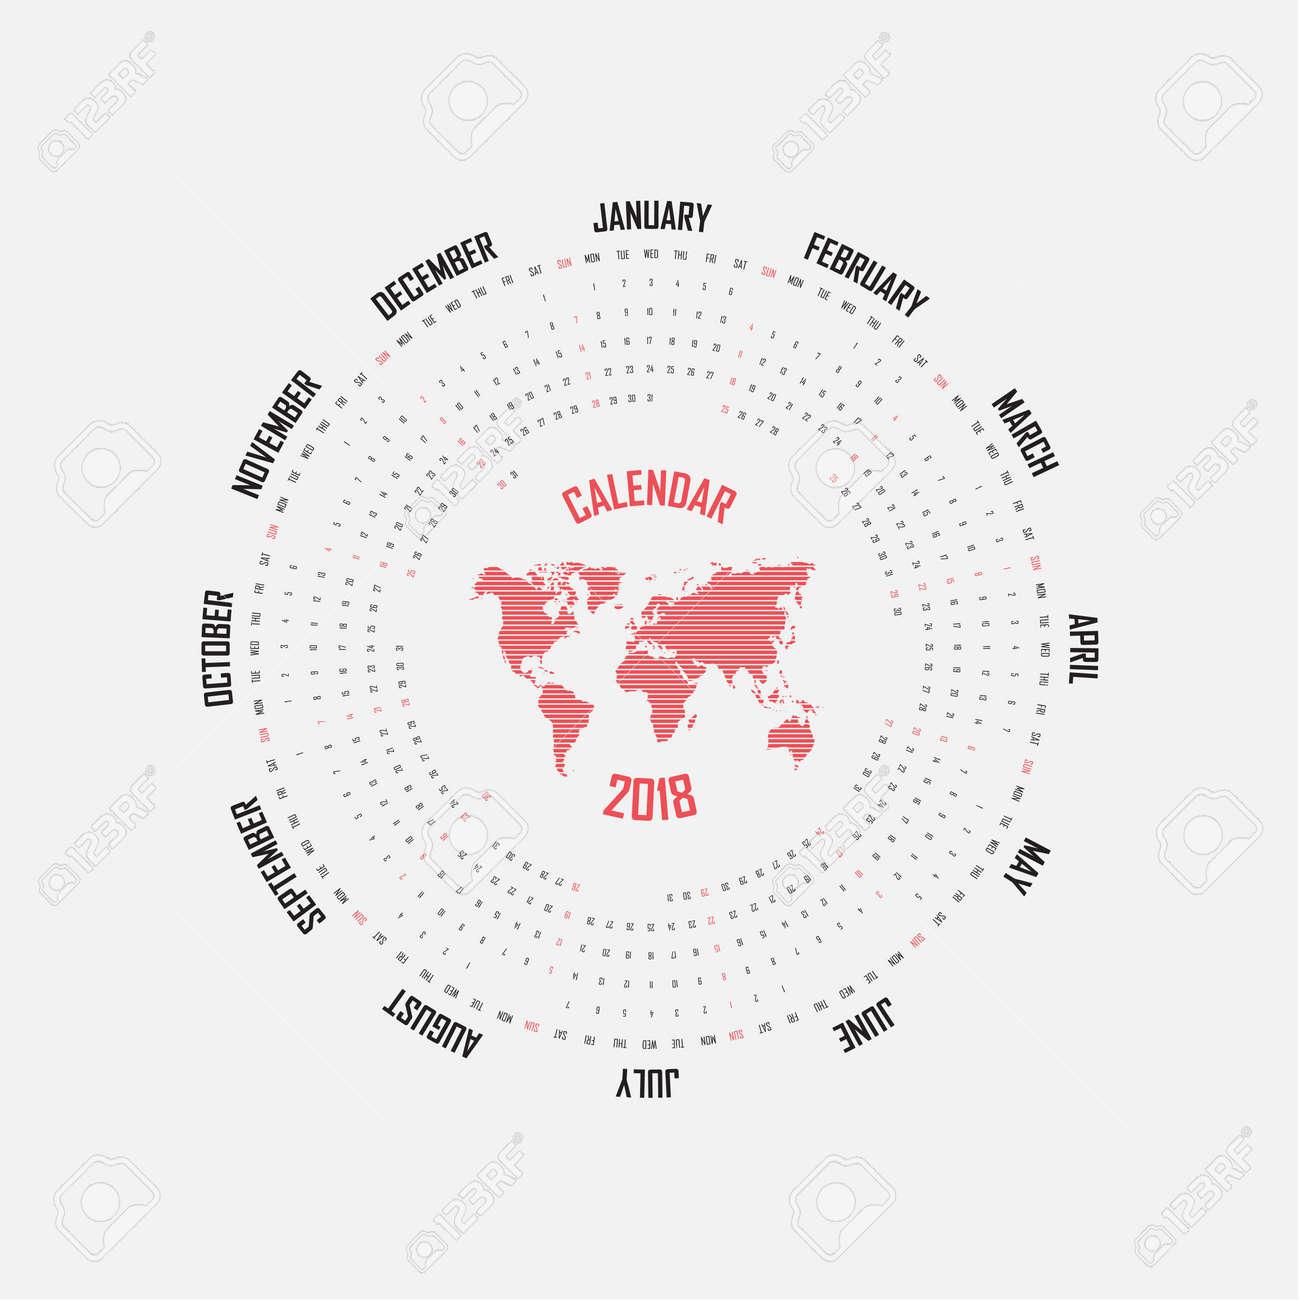 2018 template circle カレンダー カレンダー テンプレートです